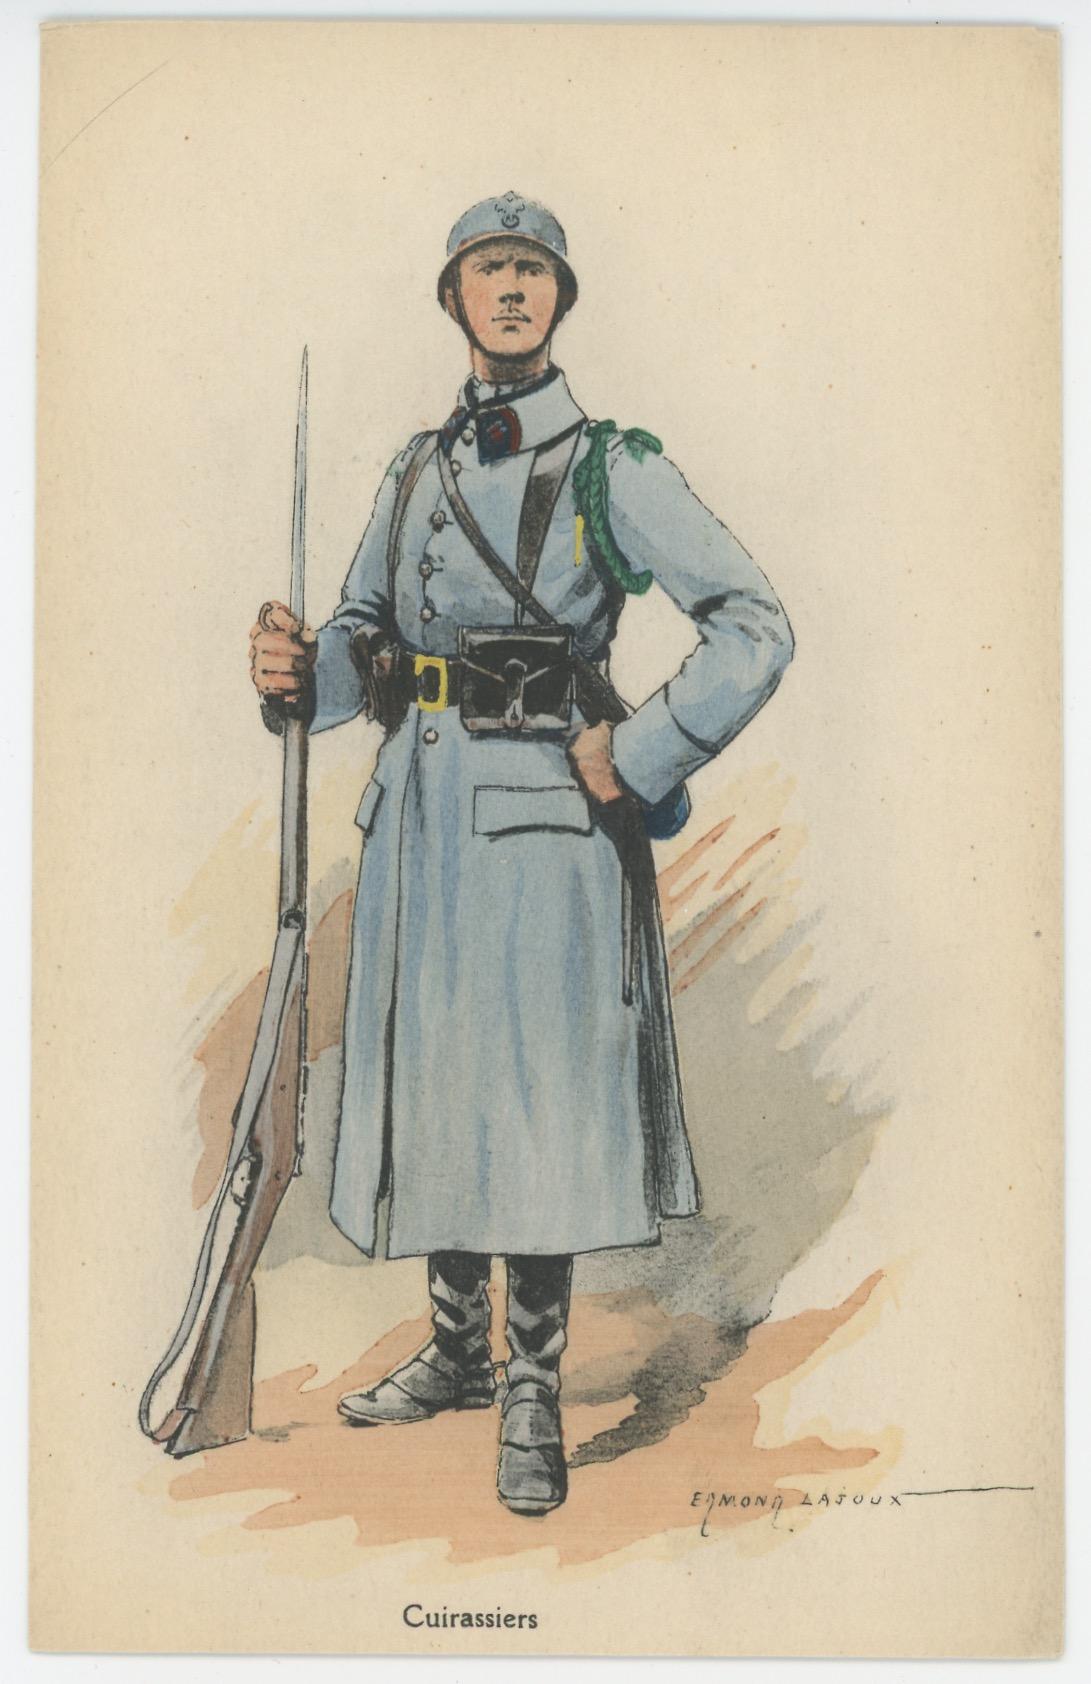 Carte Postale Illustrée - Edmond Lajoux - Edition Militaire Illustrées - Cuirassiers - 1930